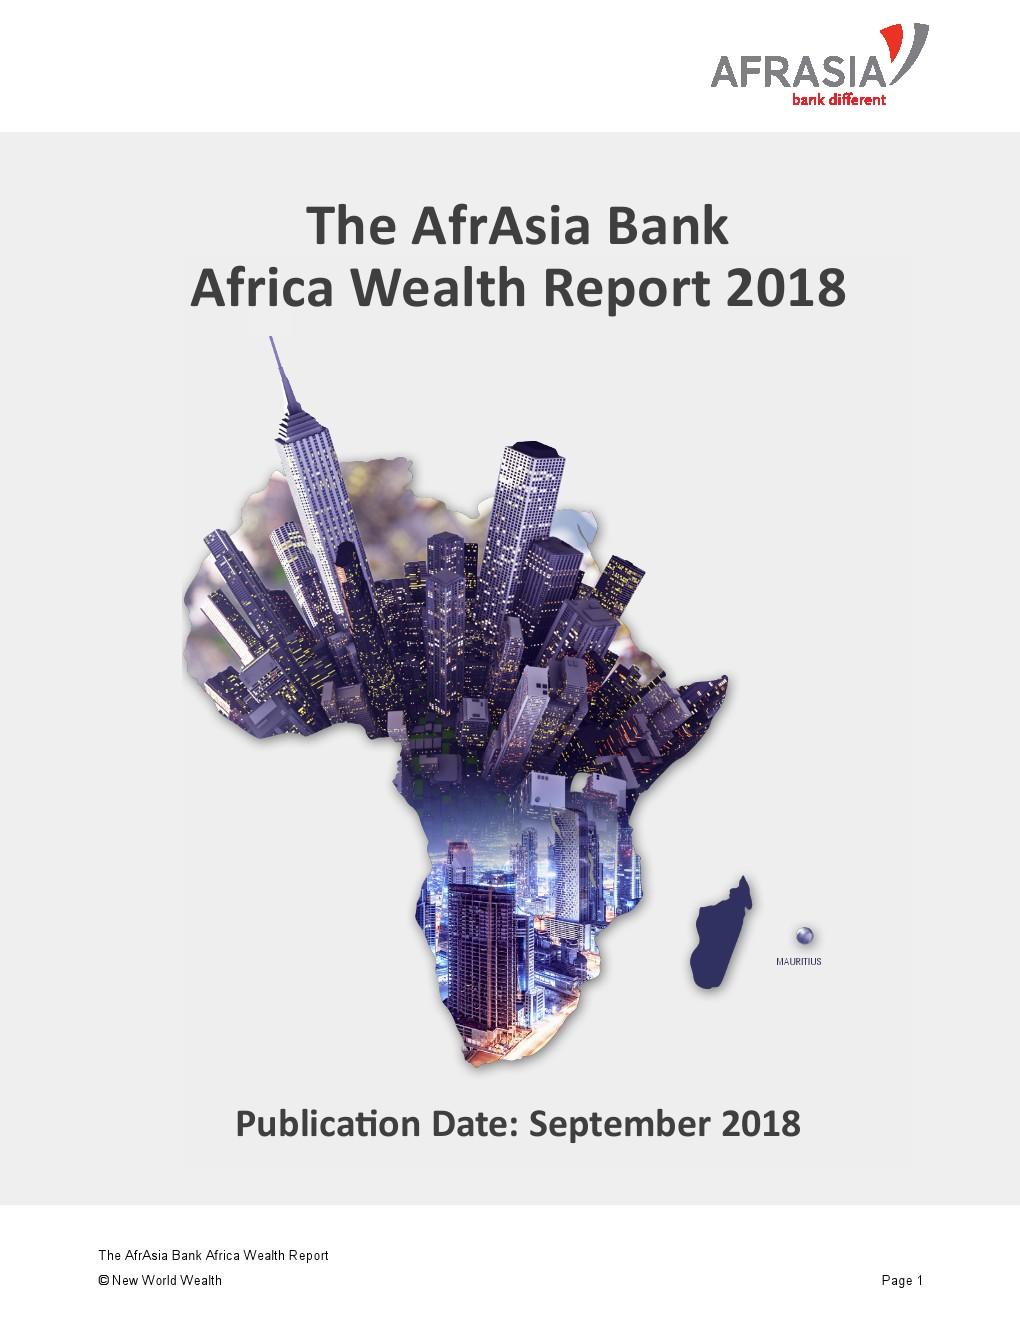 亚非银行:2018年非洲财富报告